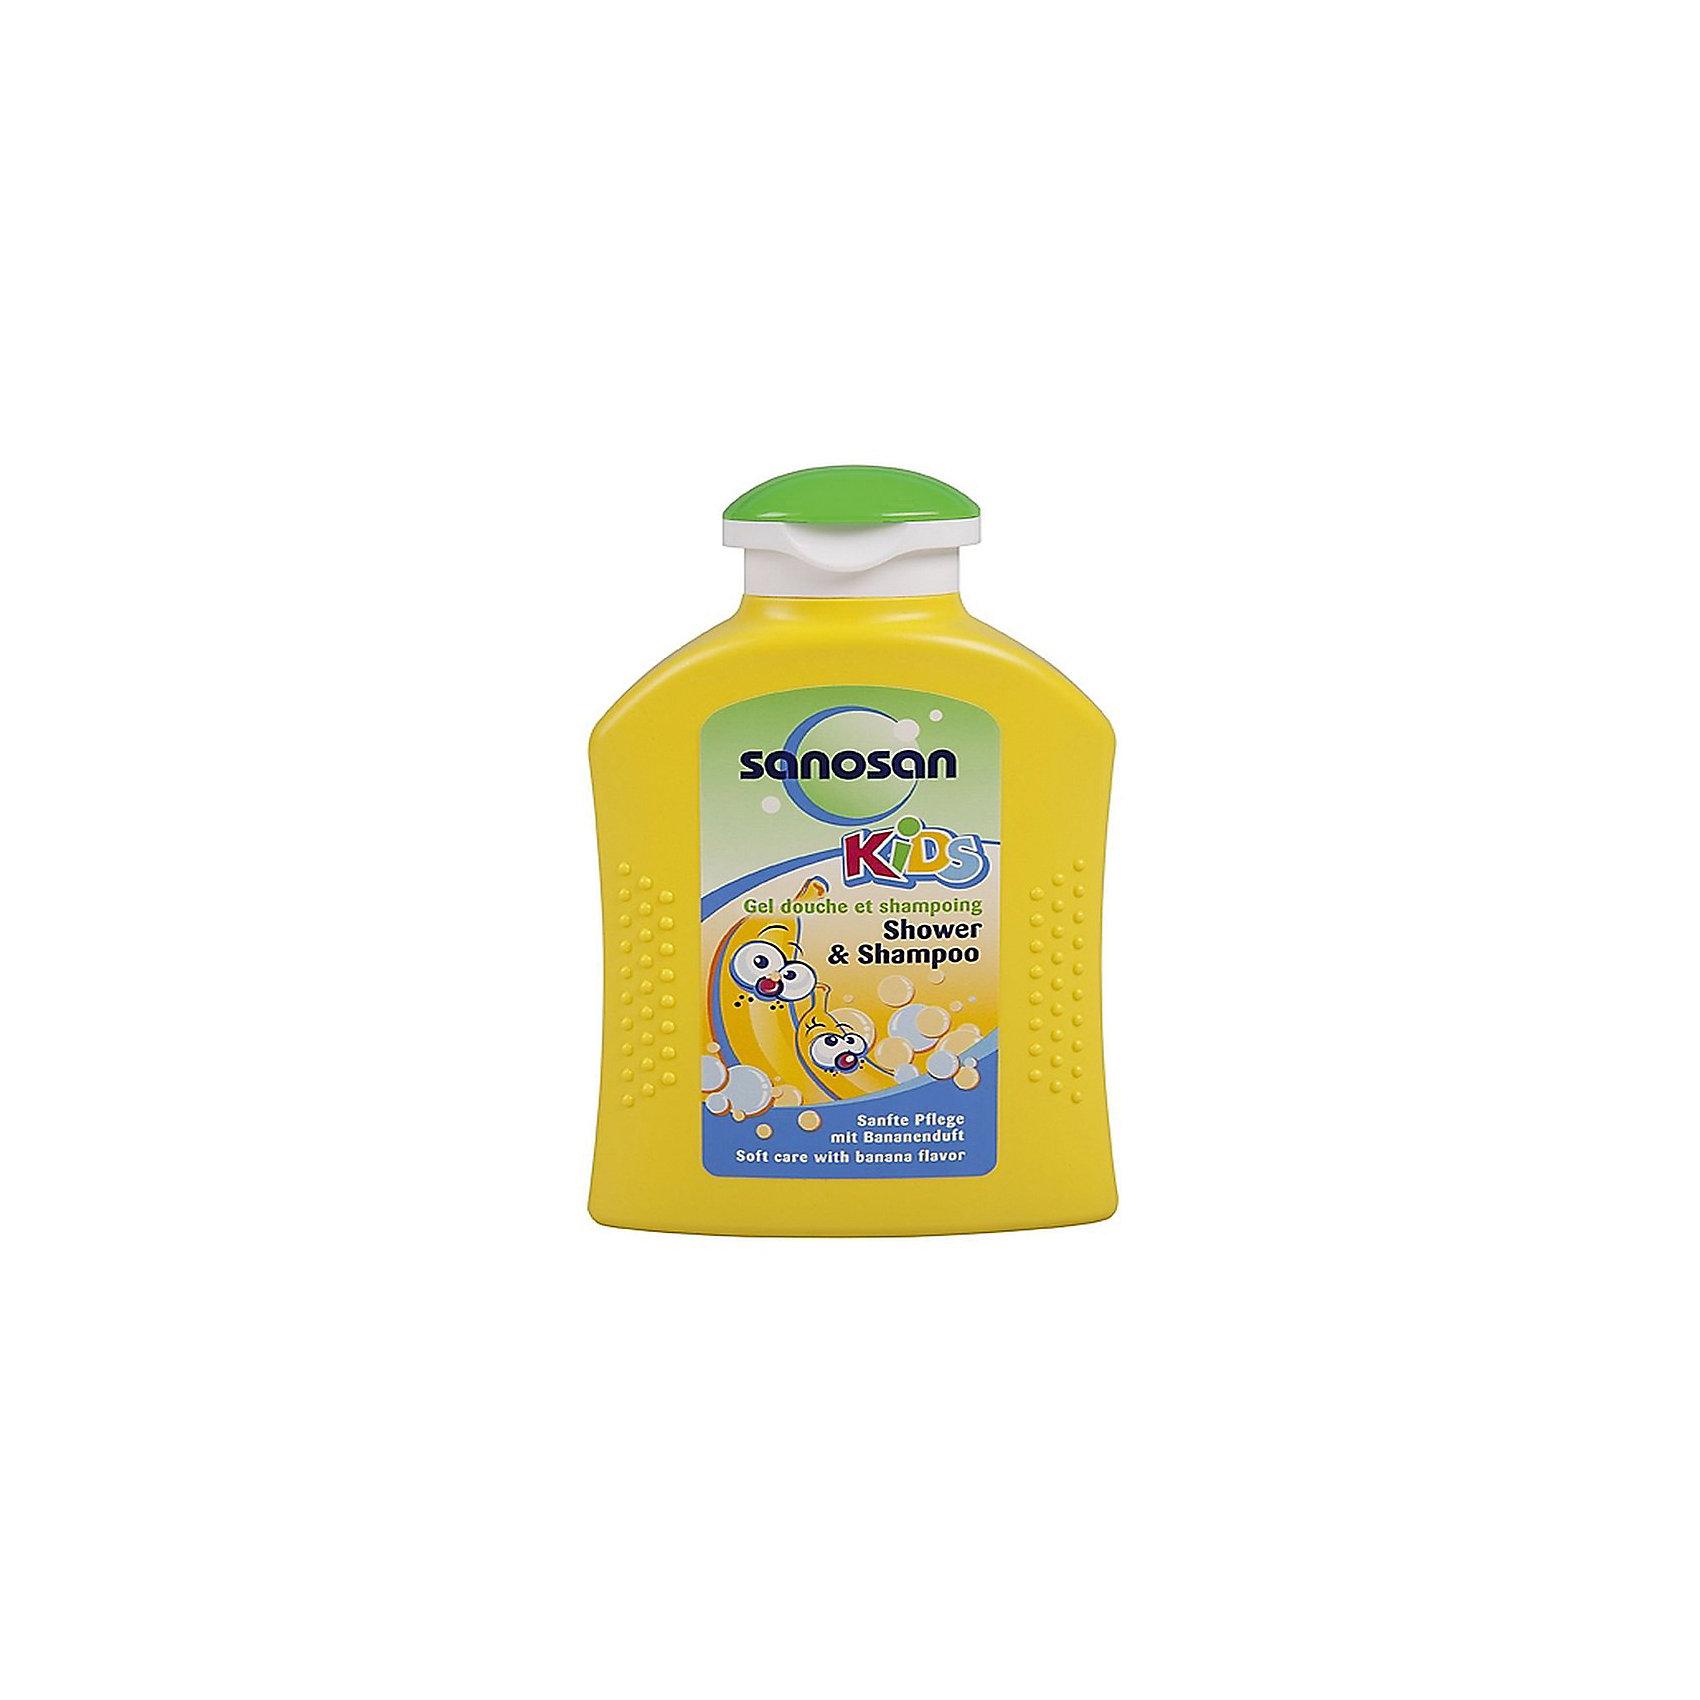 Гель для душа  и шампунь с ароматом банана, Sanosan, 200 млКосметика для купания<br>sanosan kids Гель для душа и шампунь с ароматом банана<br>Благодаря особенно мягкому составу очень бережно очищает и ухаживает за нежной кожей малыша. Мягкие детские волосы не путаются и легко расчесываются, приобретая шелковистый блеск.<br>Применение:<br>небольшое количество средства нанесите и равномерно распределите на теле и волосах, вспеньте и ополосните теплой водой. Протестировано дерматологами.<br>Ингредиенты:<br>AQUA, SODIUM COCAMPHOACETATE, DISODIUM COCOYL GLUTAMATE, GLYCERYL OLEATE, SODIUM CHLORIDE, COCO-GLUCOSIDE, CITRIC ACID, PARFUM, PHENOXYETHANOL, BENZYL ALCOHOL, POTASSIUM SORBATE, ALLANTOIN, DENATONIUM BENZOATE, CI 47005, CI 42090<br><br>Ширина мм: 143<br>Глубина мм: 500<br>Высота мм: 60<br>Вес г: 260<br>Возраст от месяцев: -2147483648<br>Возраст до месяцев: 2147483647<br>Пол: Унисекс<br>Возраст: Детский<br>SKU: 4729900